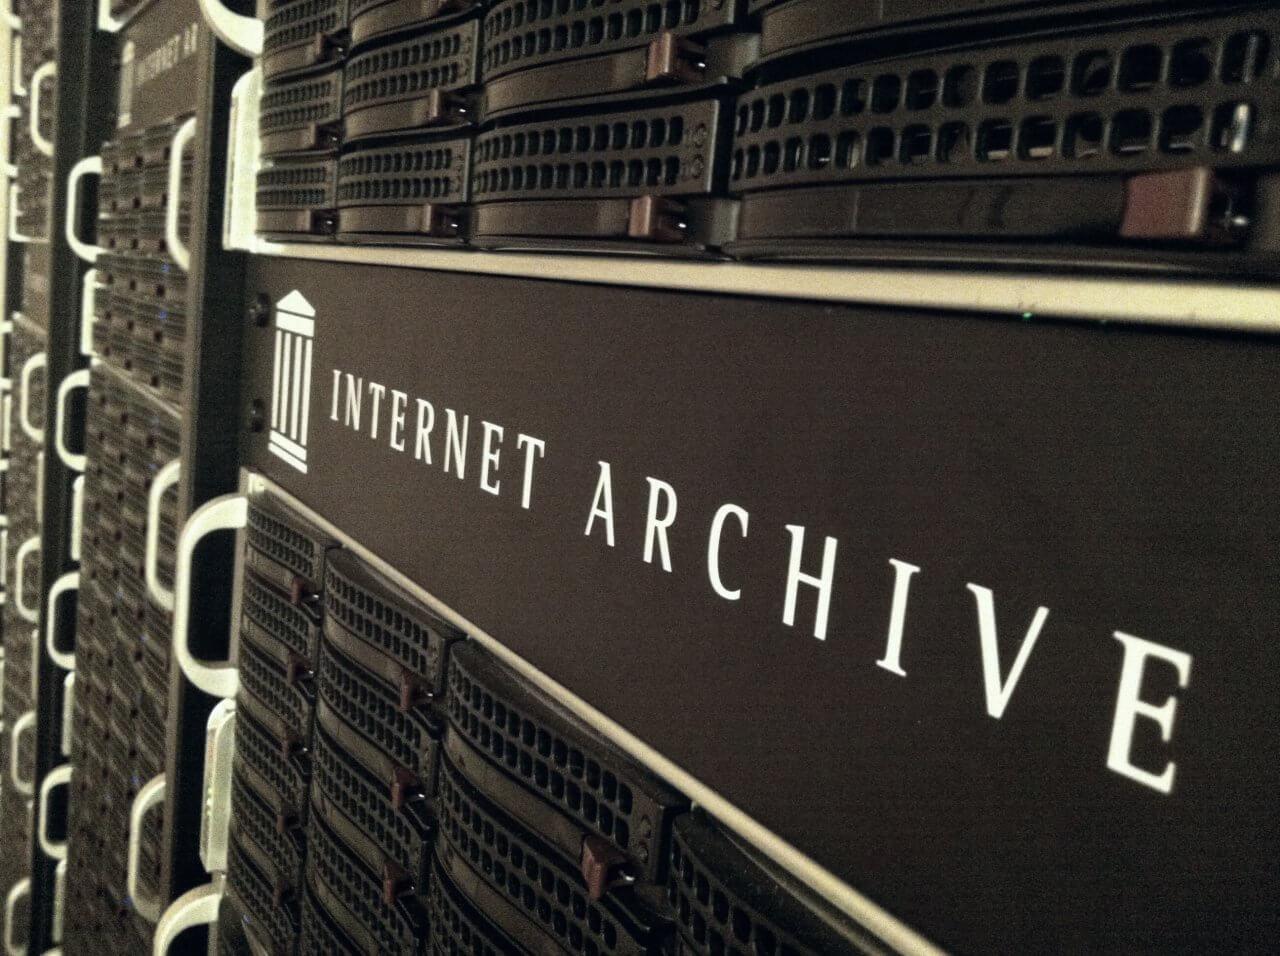 В России полностью заблокирован архив интернета